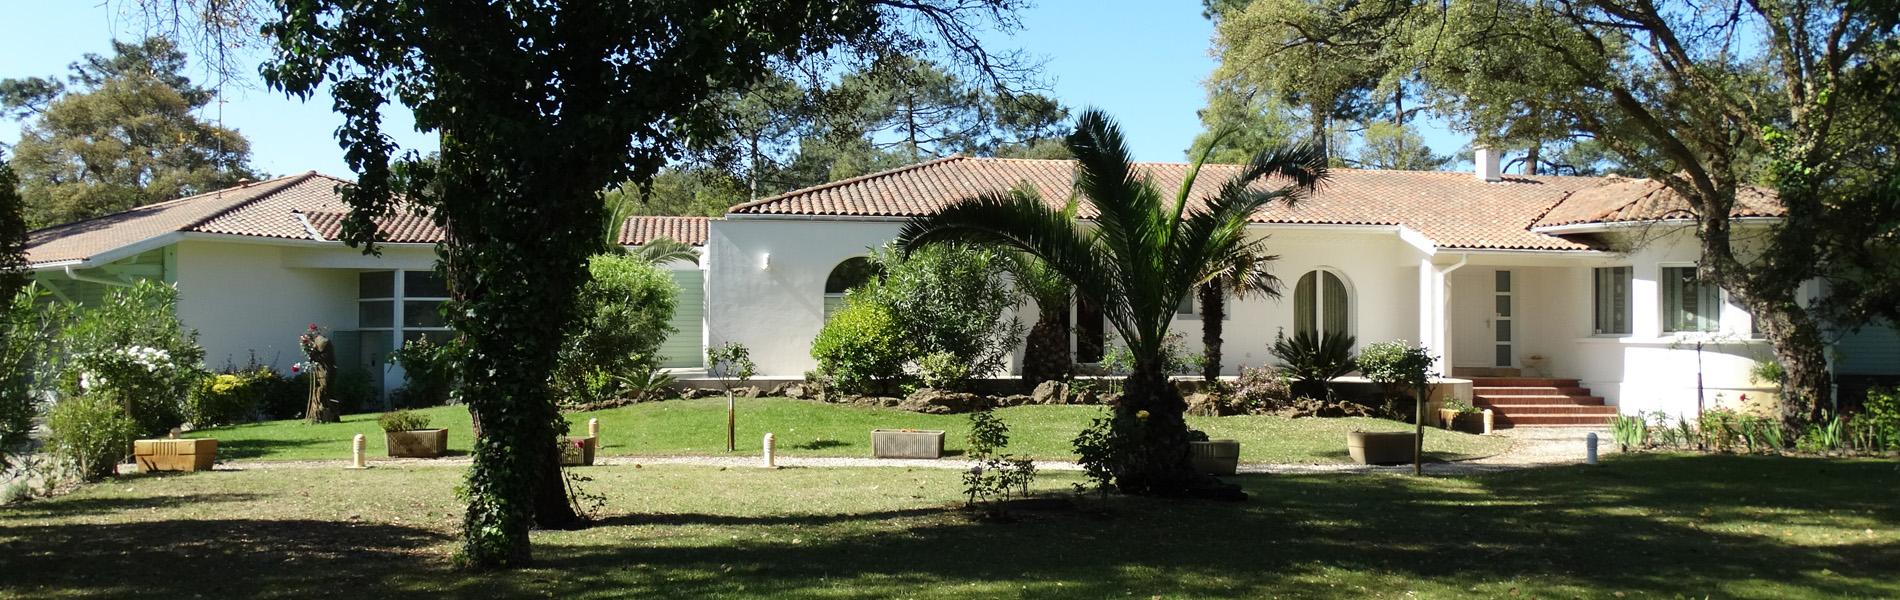 Terres oc an agence immobili re hossegor et biarritz for Acheter maison hossegor